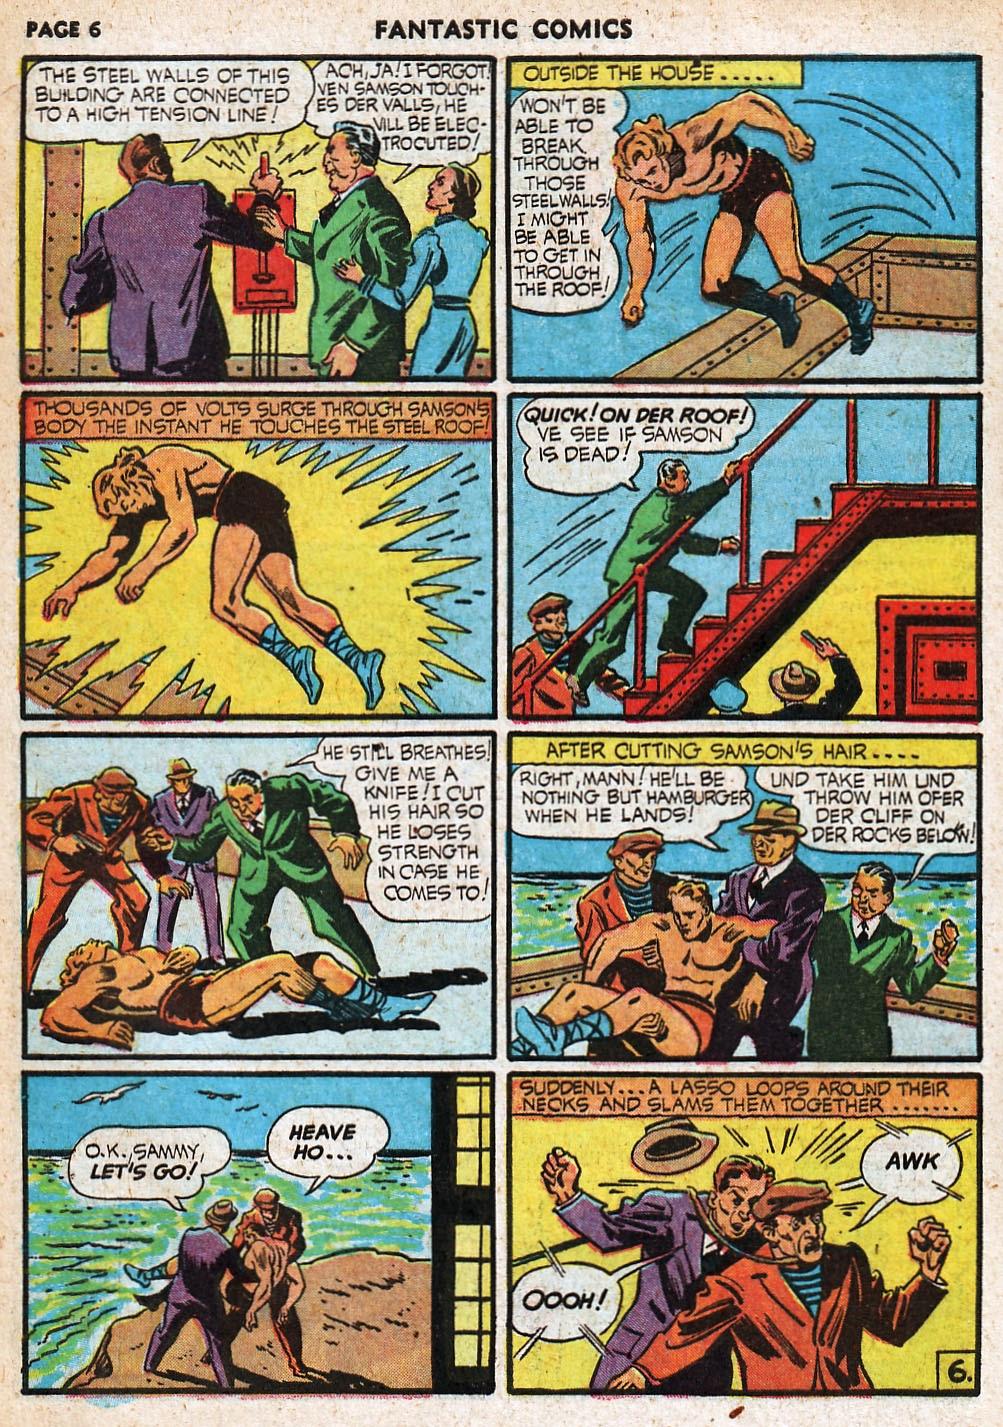 Read online Fantastic Comics comic -  Issue #20 - 7